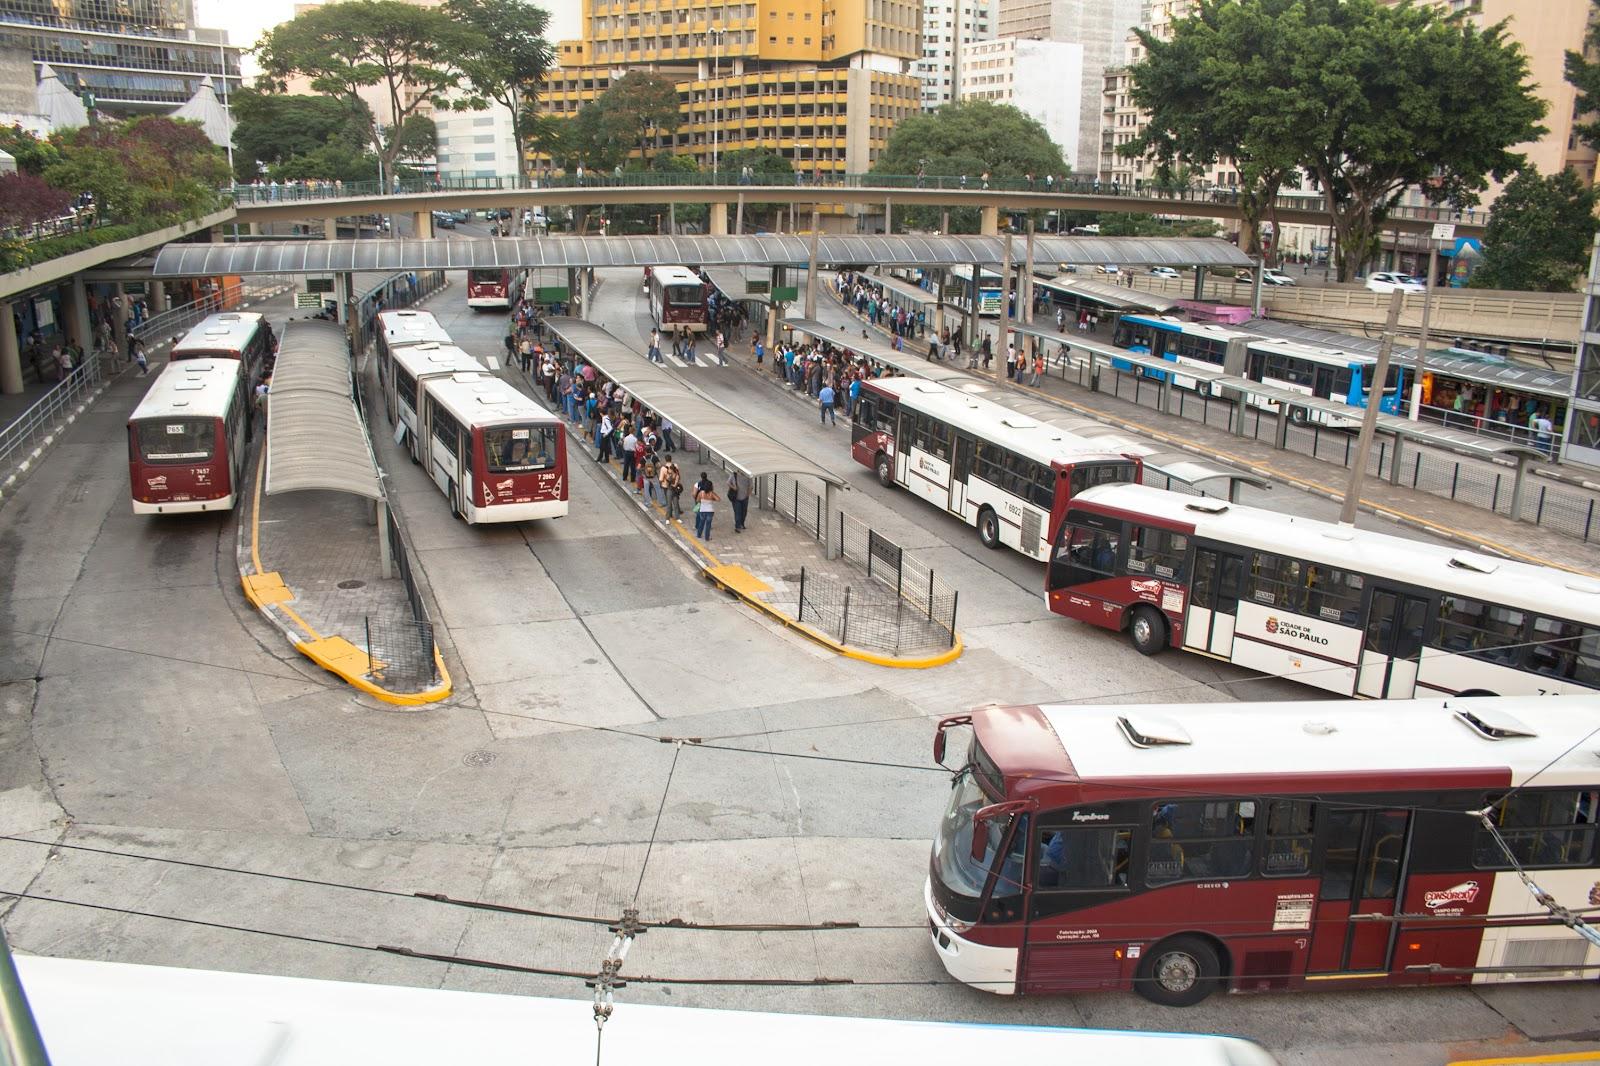 Terminal de ônibus com fluxo de pessoas